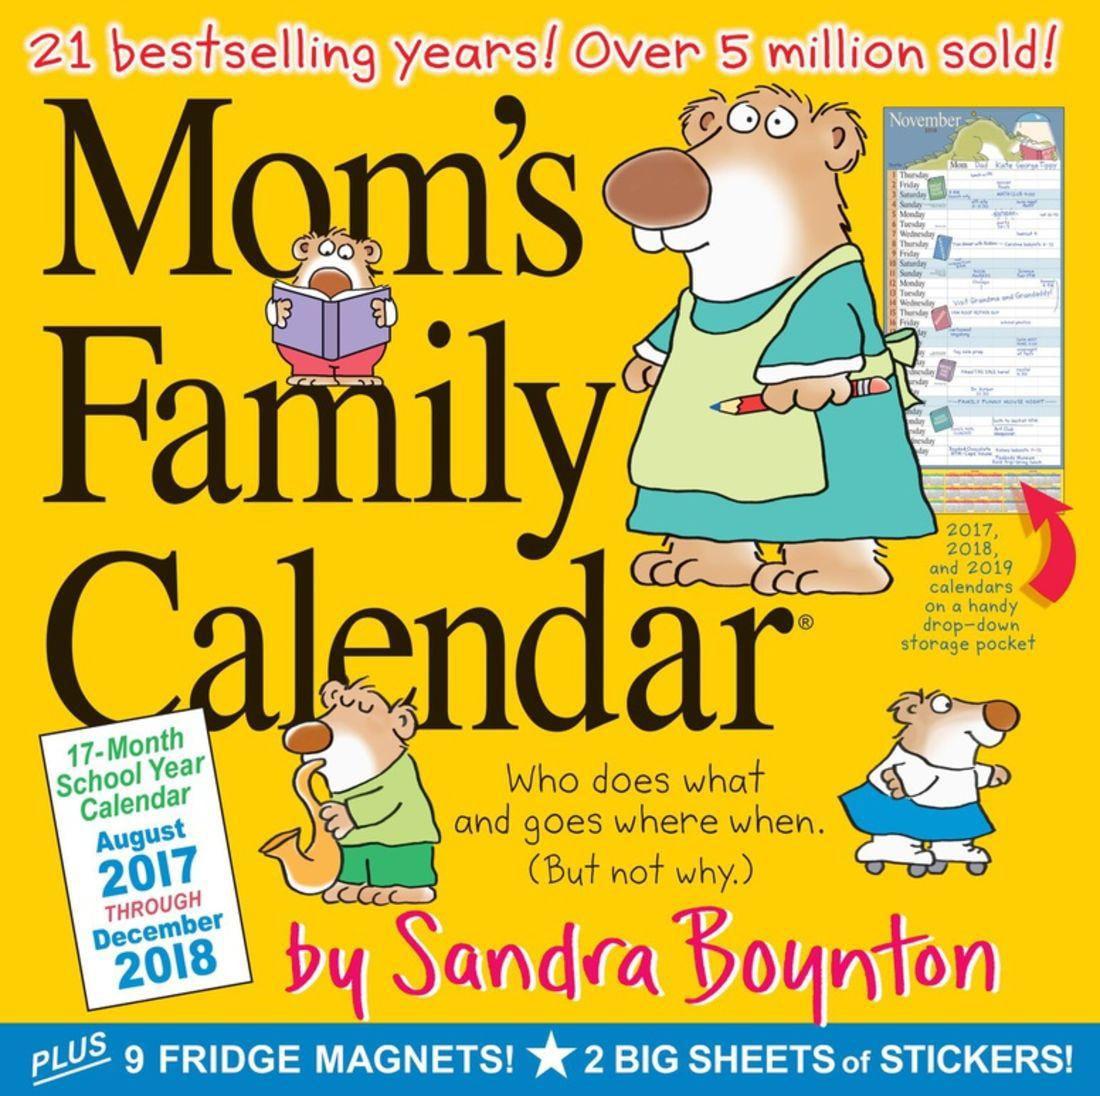 Mom's Family 17-Month 2017-2018 Calendar - Walmart.com